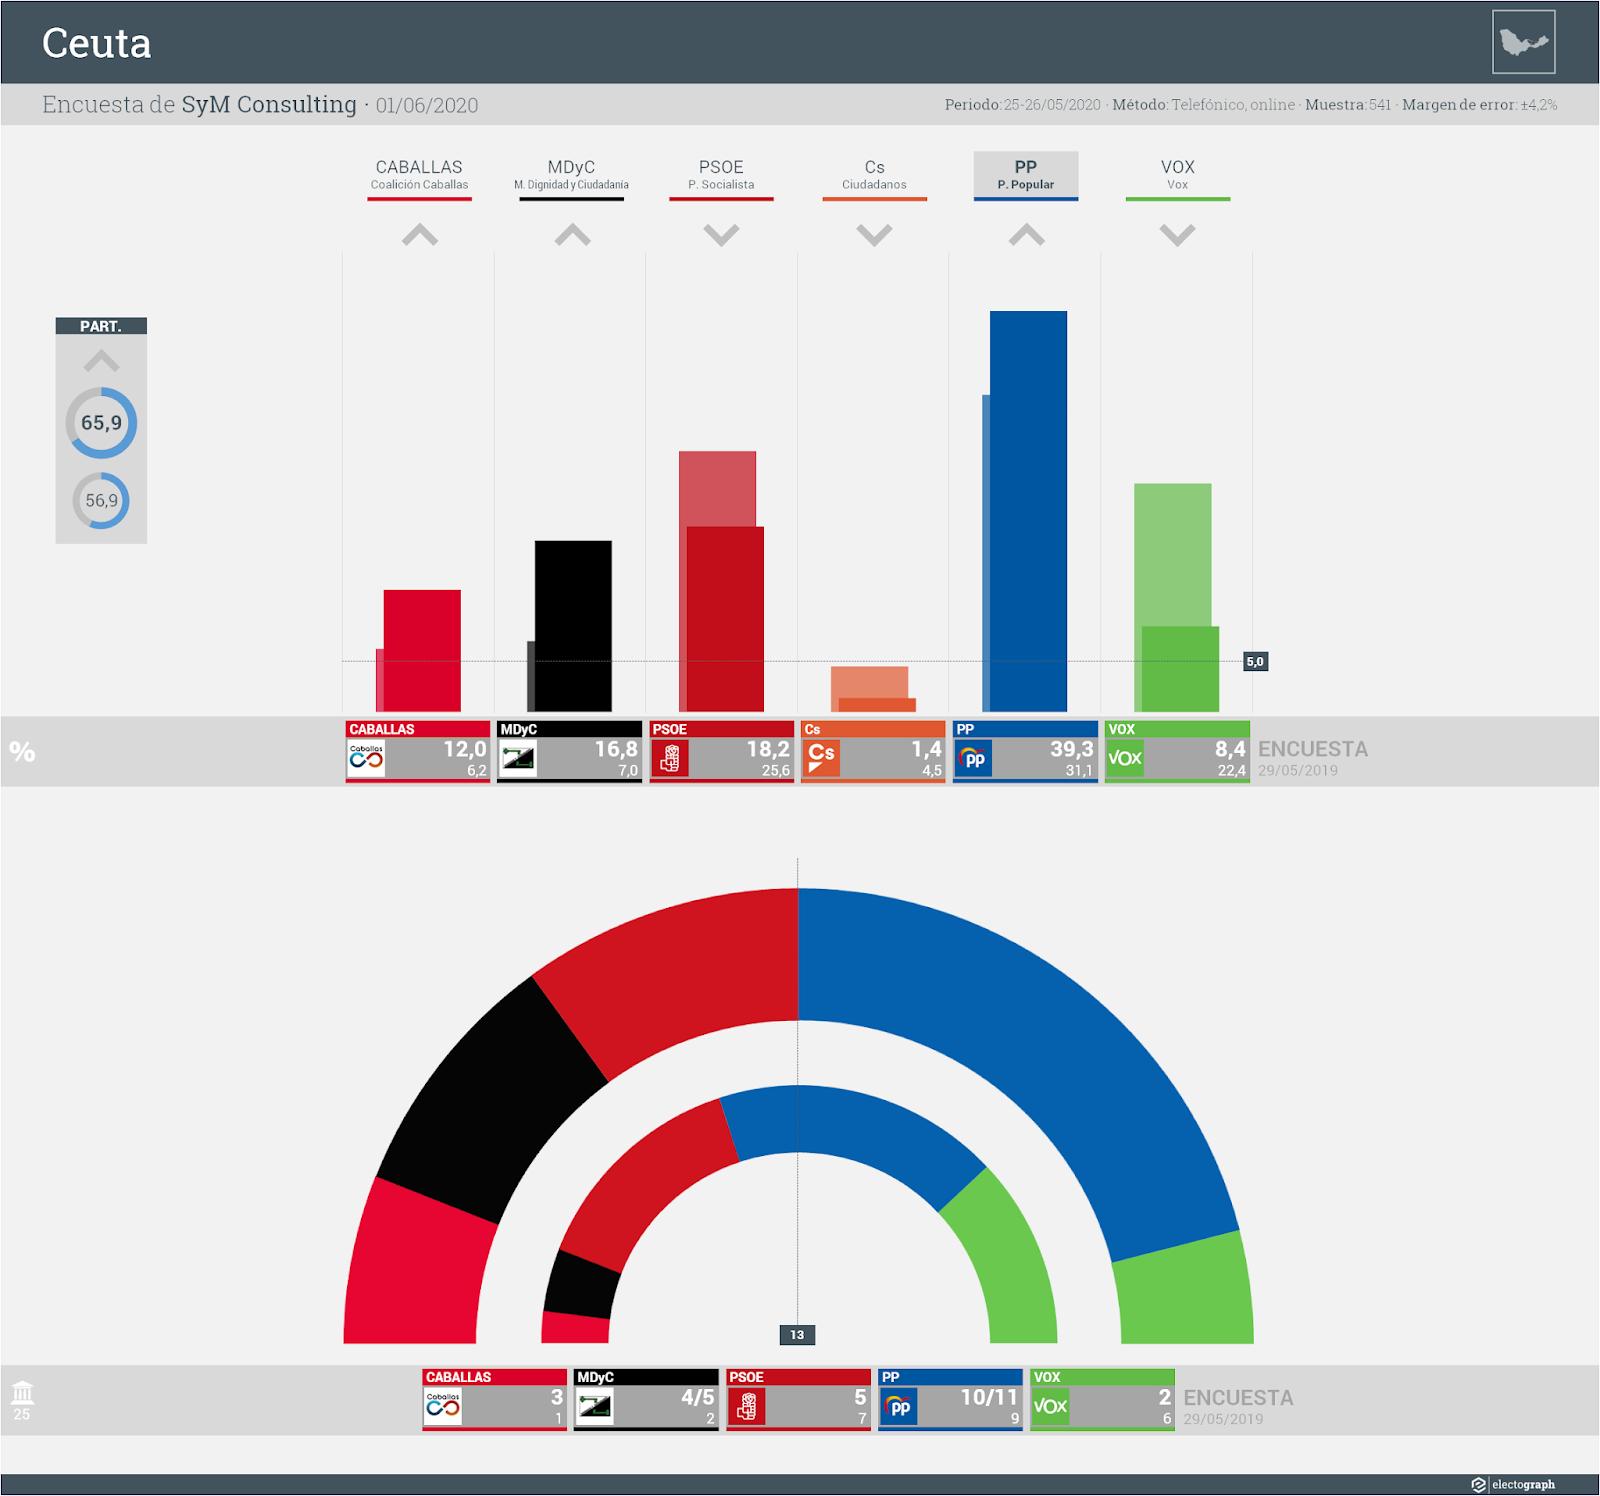 Gráfico de la encuesta para elecciones autonómicas en Ceuta realizada por SyM Consulting, 1 de junio de 2020